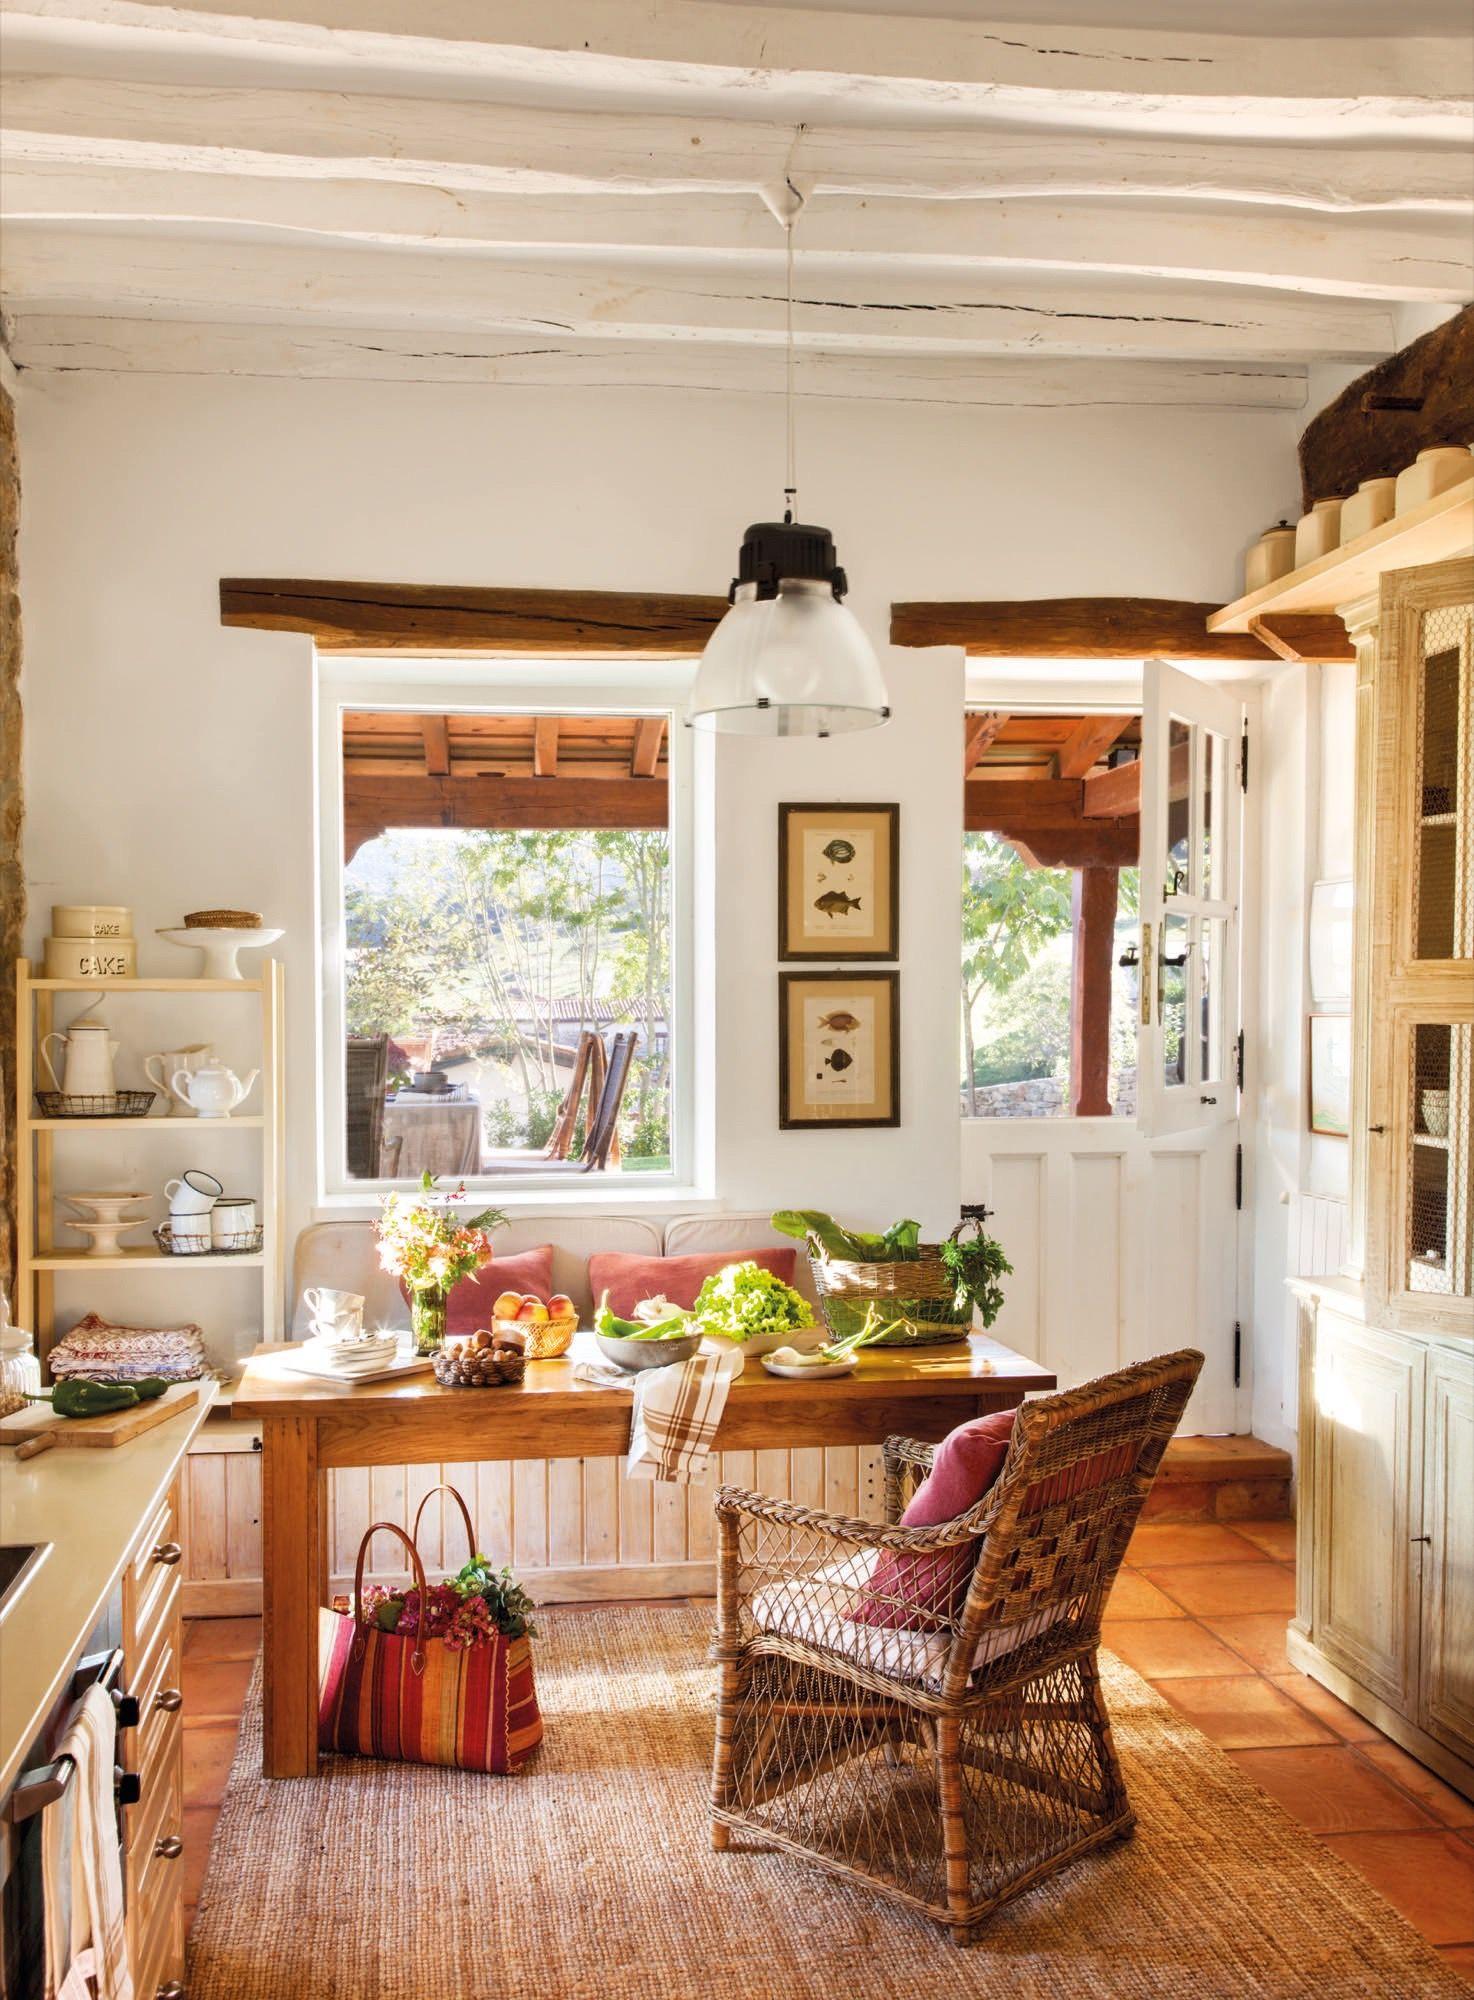 Salon con ventana interior en una casa rustica en 2018 for Cocinas campestres pequenas